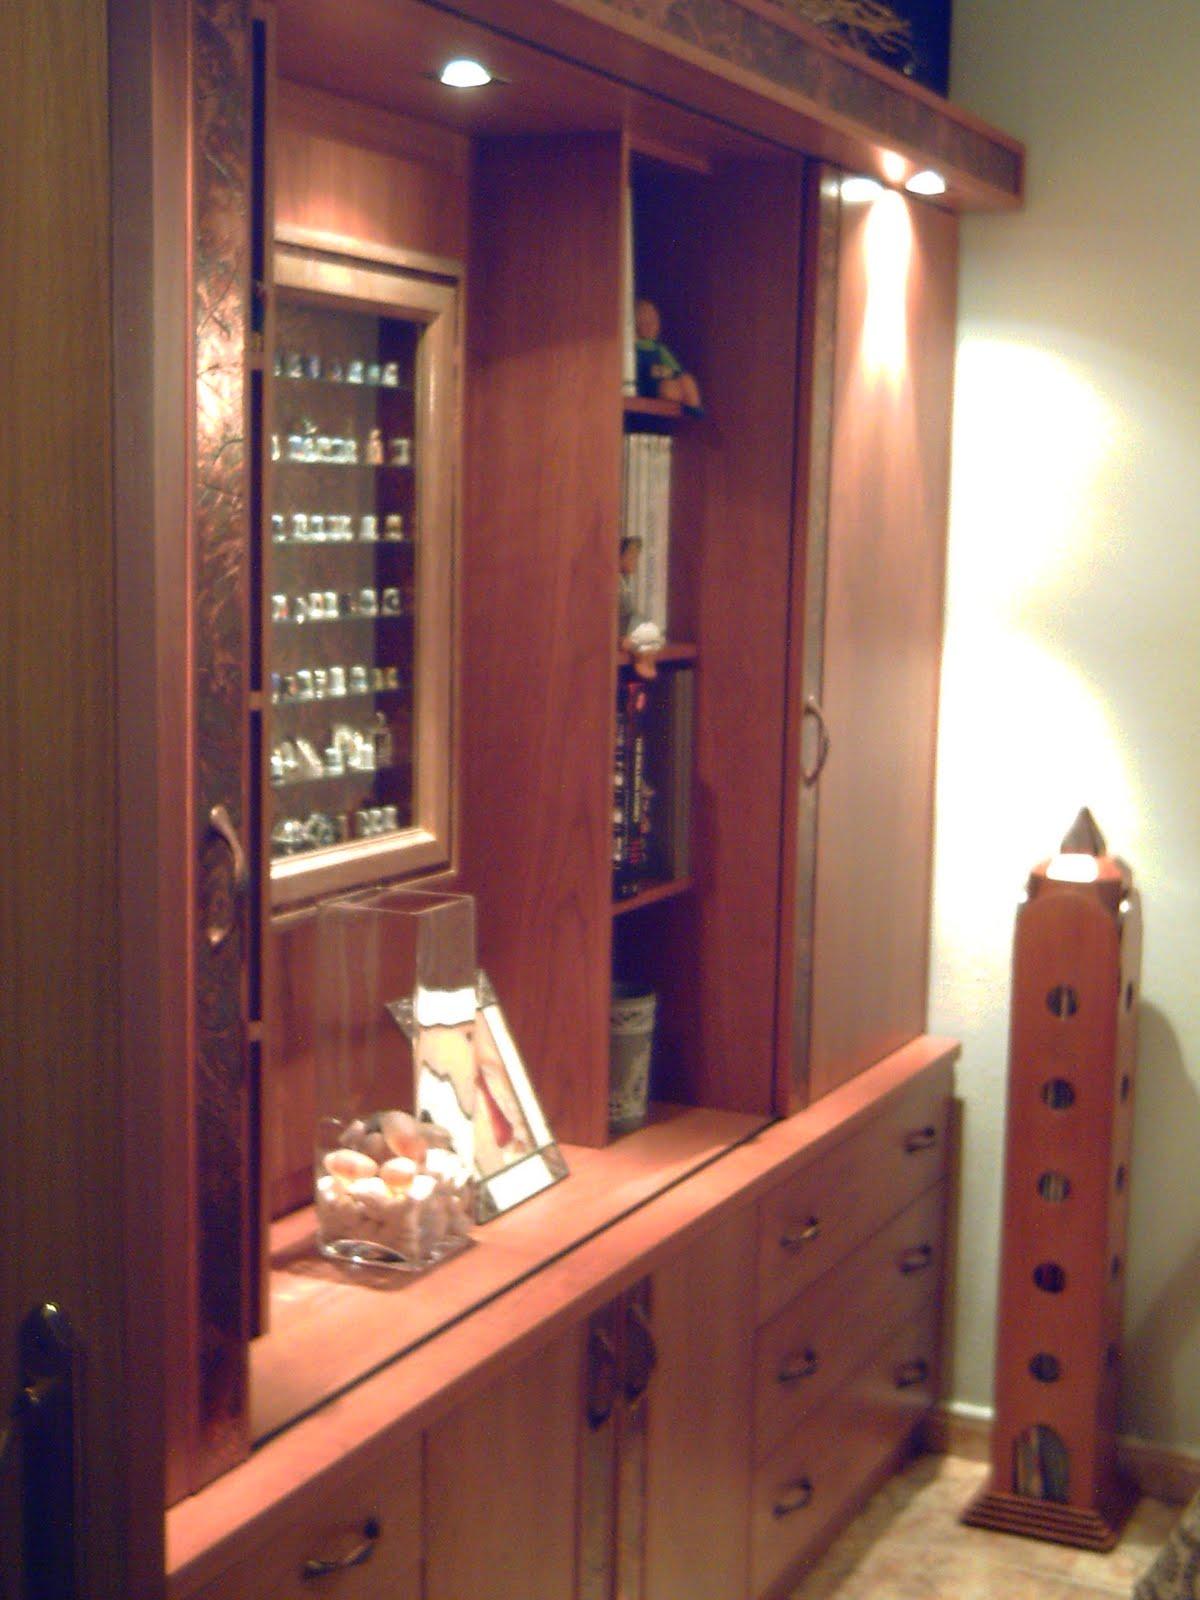 Cañuelo e hijos carpinteria s.c.p.: Muebles para comedor salón